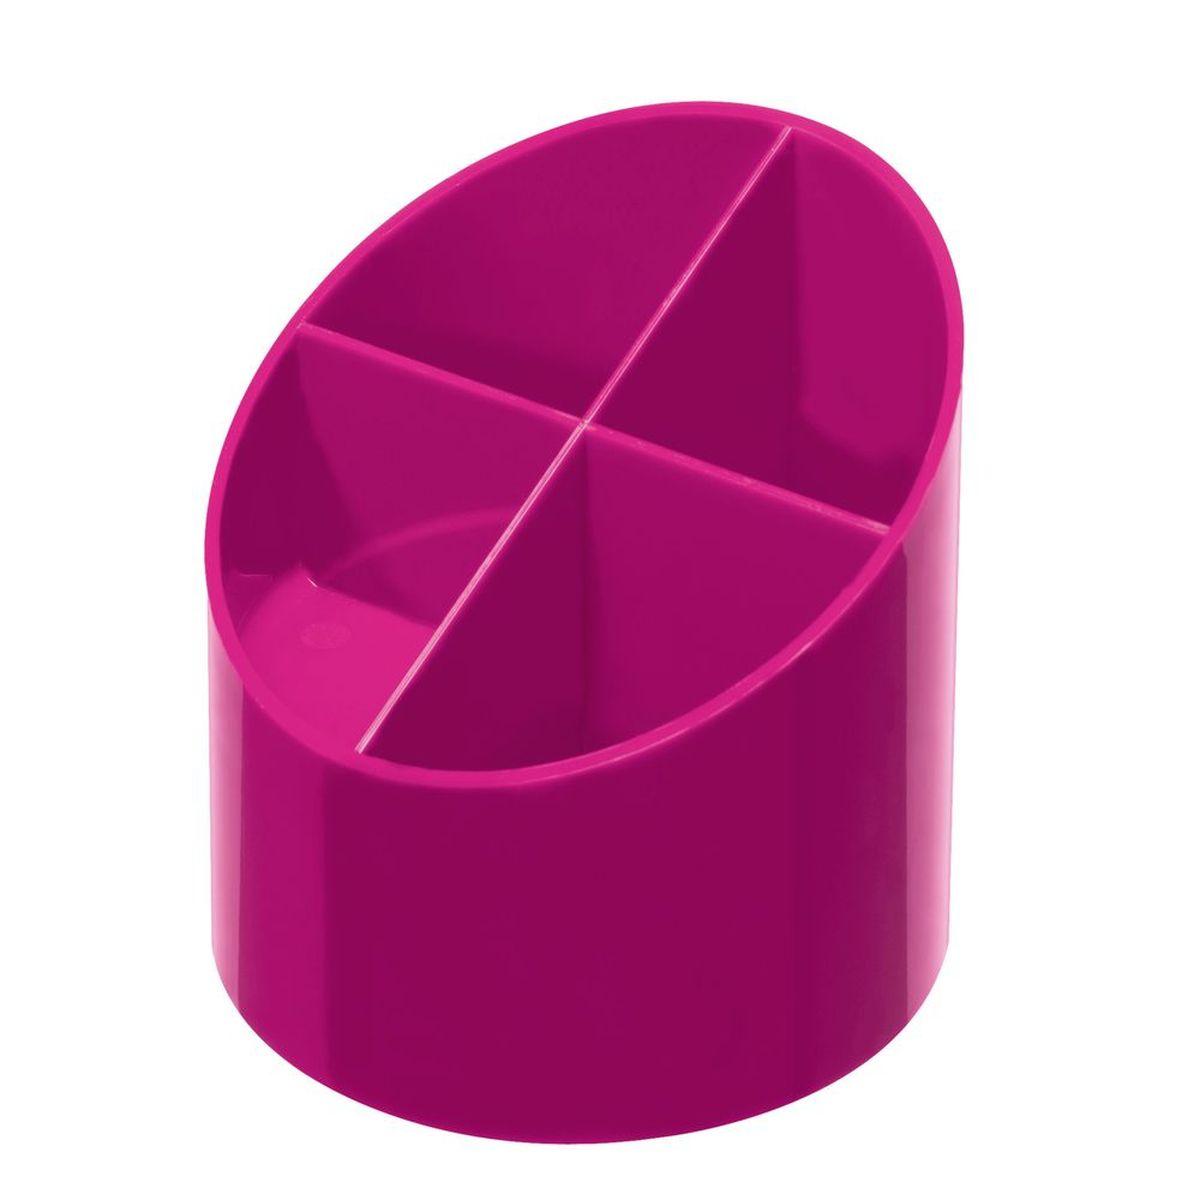 Herlitz Подставка для канцелярских принадлежностей Colour Blocking цвет розовый11363751Практичная подставка для канцелярских принадлежностей Herlitz Colour Blocking поможетсодержать порядок на рабочем столе. Она изготовлена из пластика и содержит 4 отделения.Яркий дизайн позволит ей стать достойным аксессуаром среди ваших канцелярскихпринадлежностей и будет дарить вам хорошее настроение.